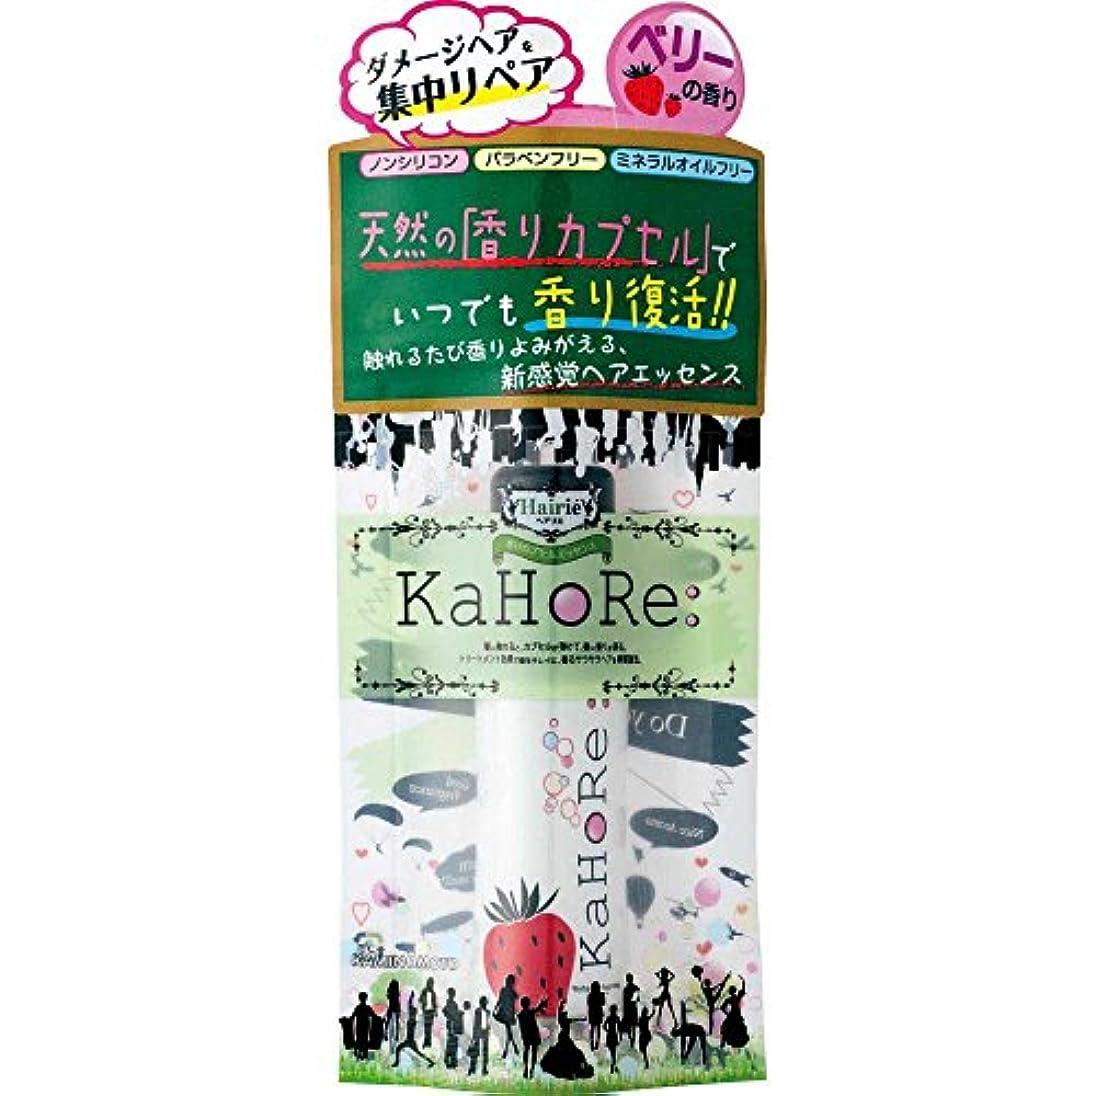 出口用心深い厳ヘアリエ KaHoRe ヘアエッセンス ミックスベリーの香り 30g